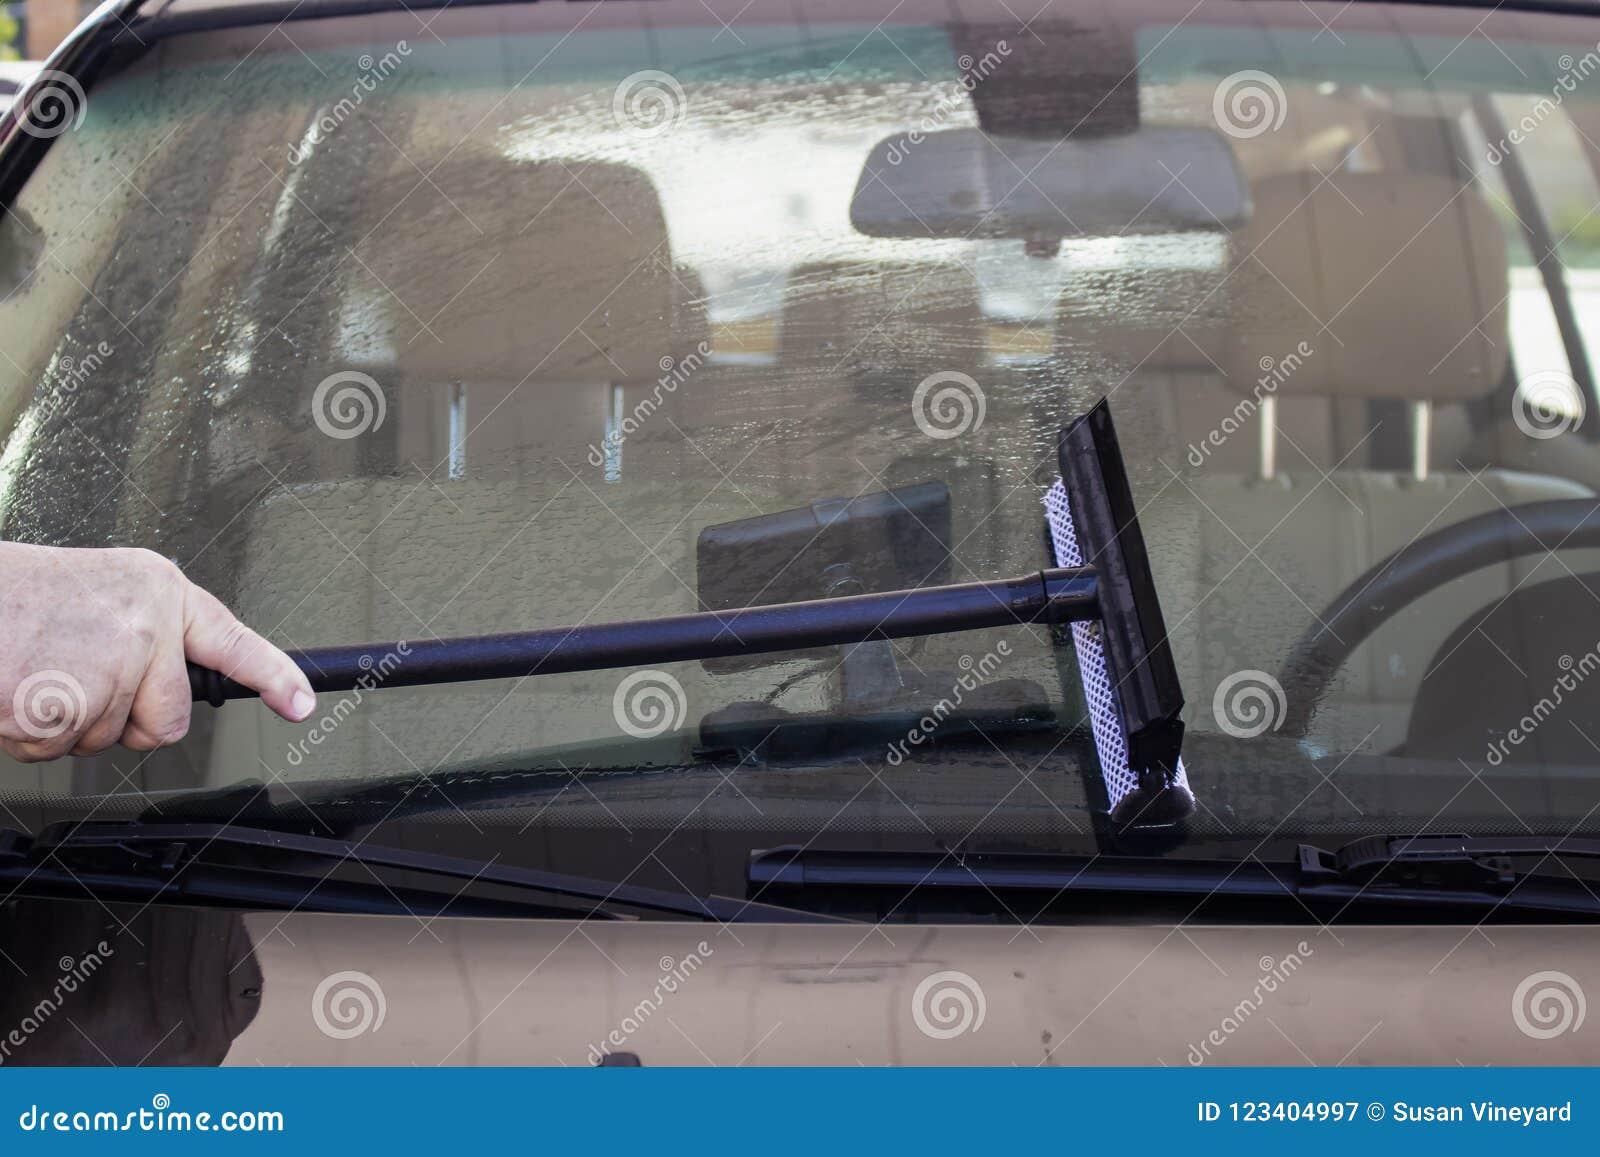 Κινηματογράφηση σε πρώτο πλάνο του ατόμου που χρησιμοποιεί το ελαστικό μάκτρο για να καθαρίσει τον ανεμοφράκτη ενός αυτοκινήτου μ